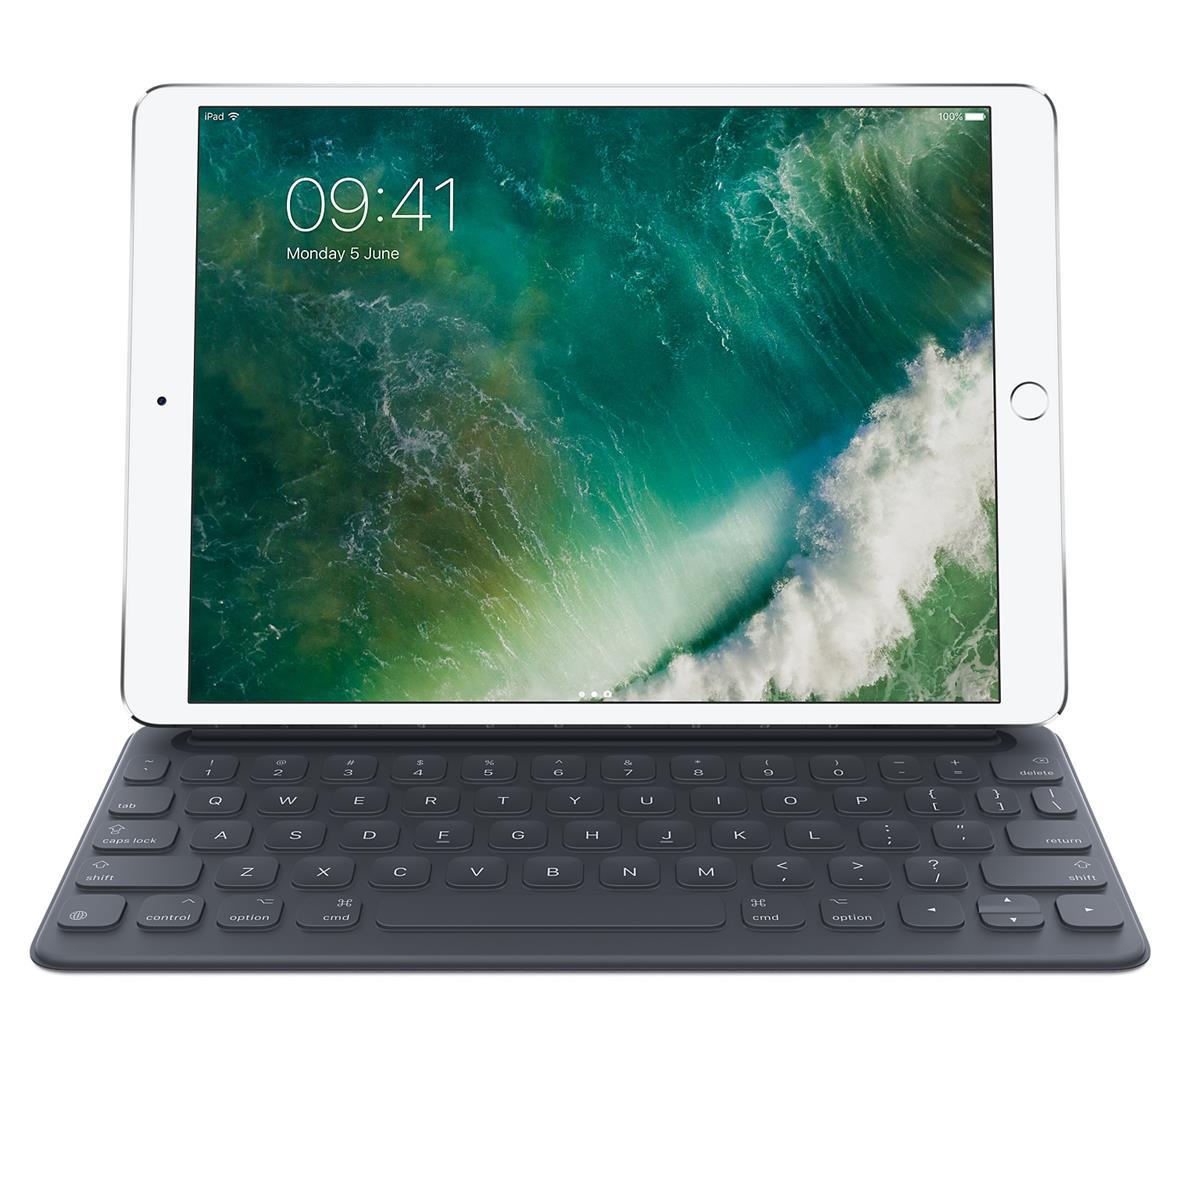 Apple iPad Pro A10X Processor Wi-Fi 256GB 12.9in Retina Display ID Finger Sensor Silver Ref MP6H2B/A